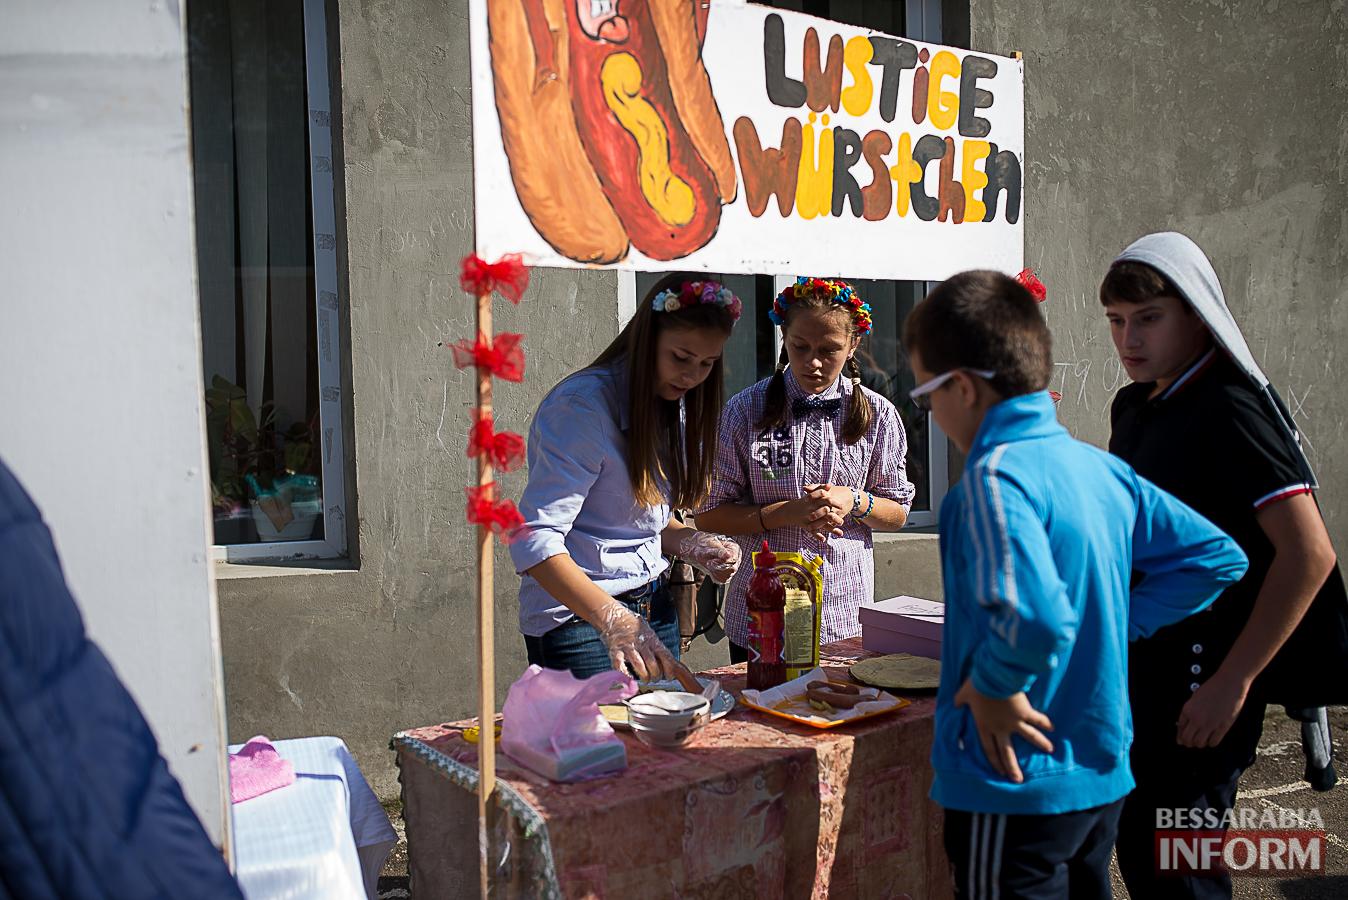 SME_0050 Измаил: в ОШ №16 прошла благотворительная сладкая ярмарка (фото)